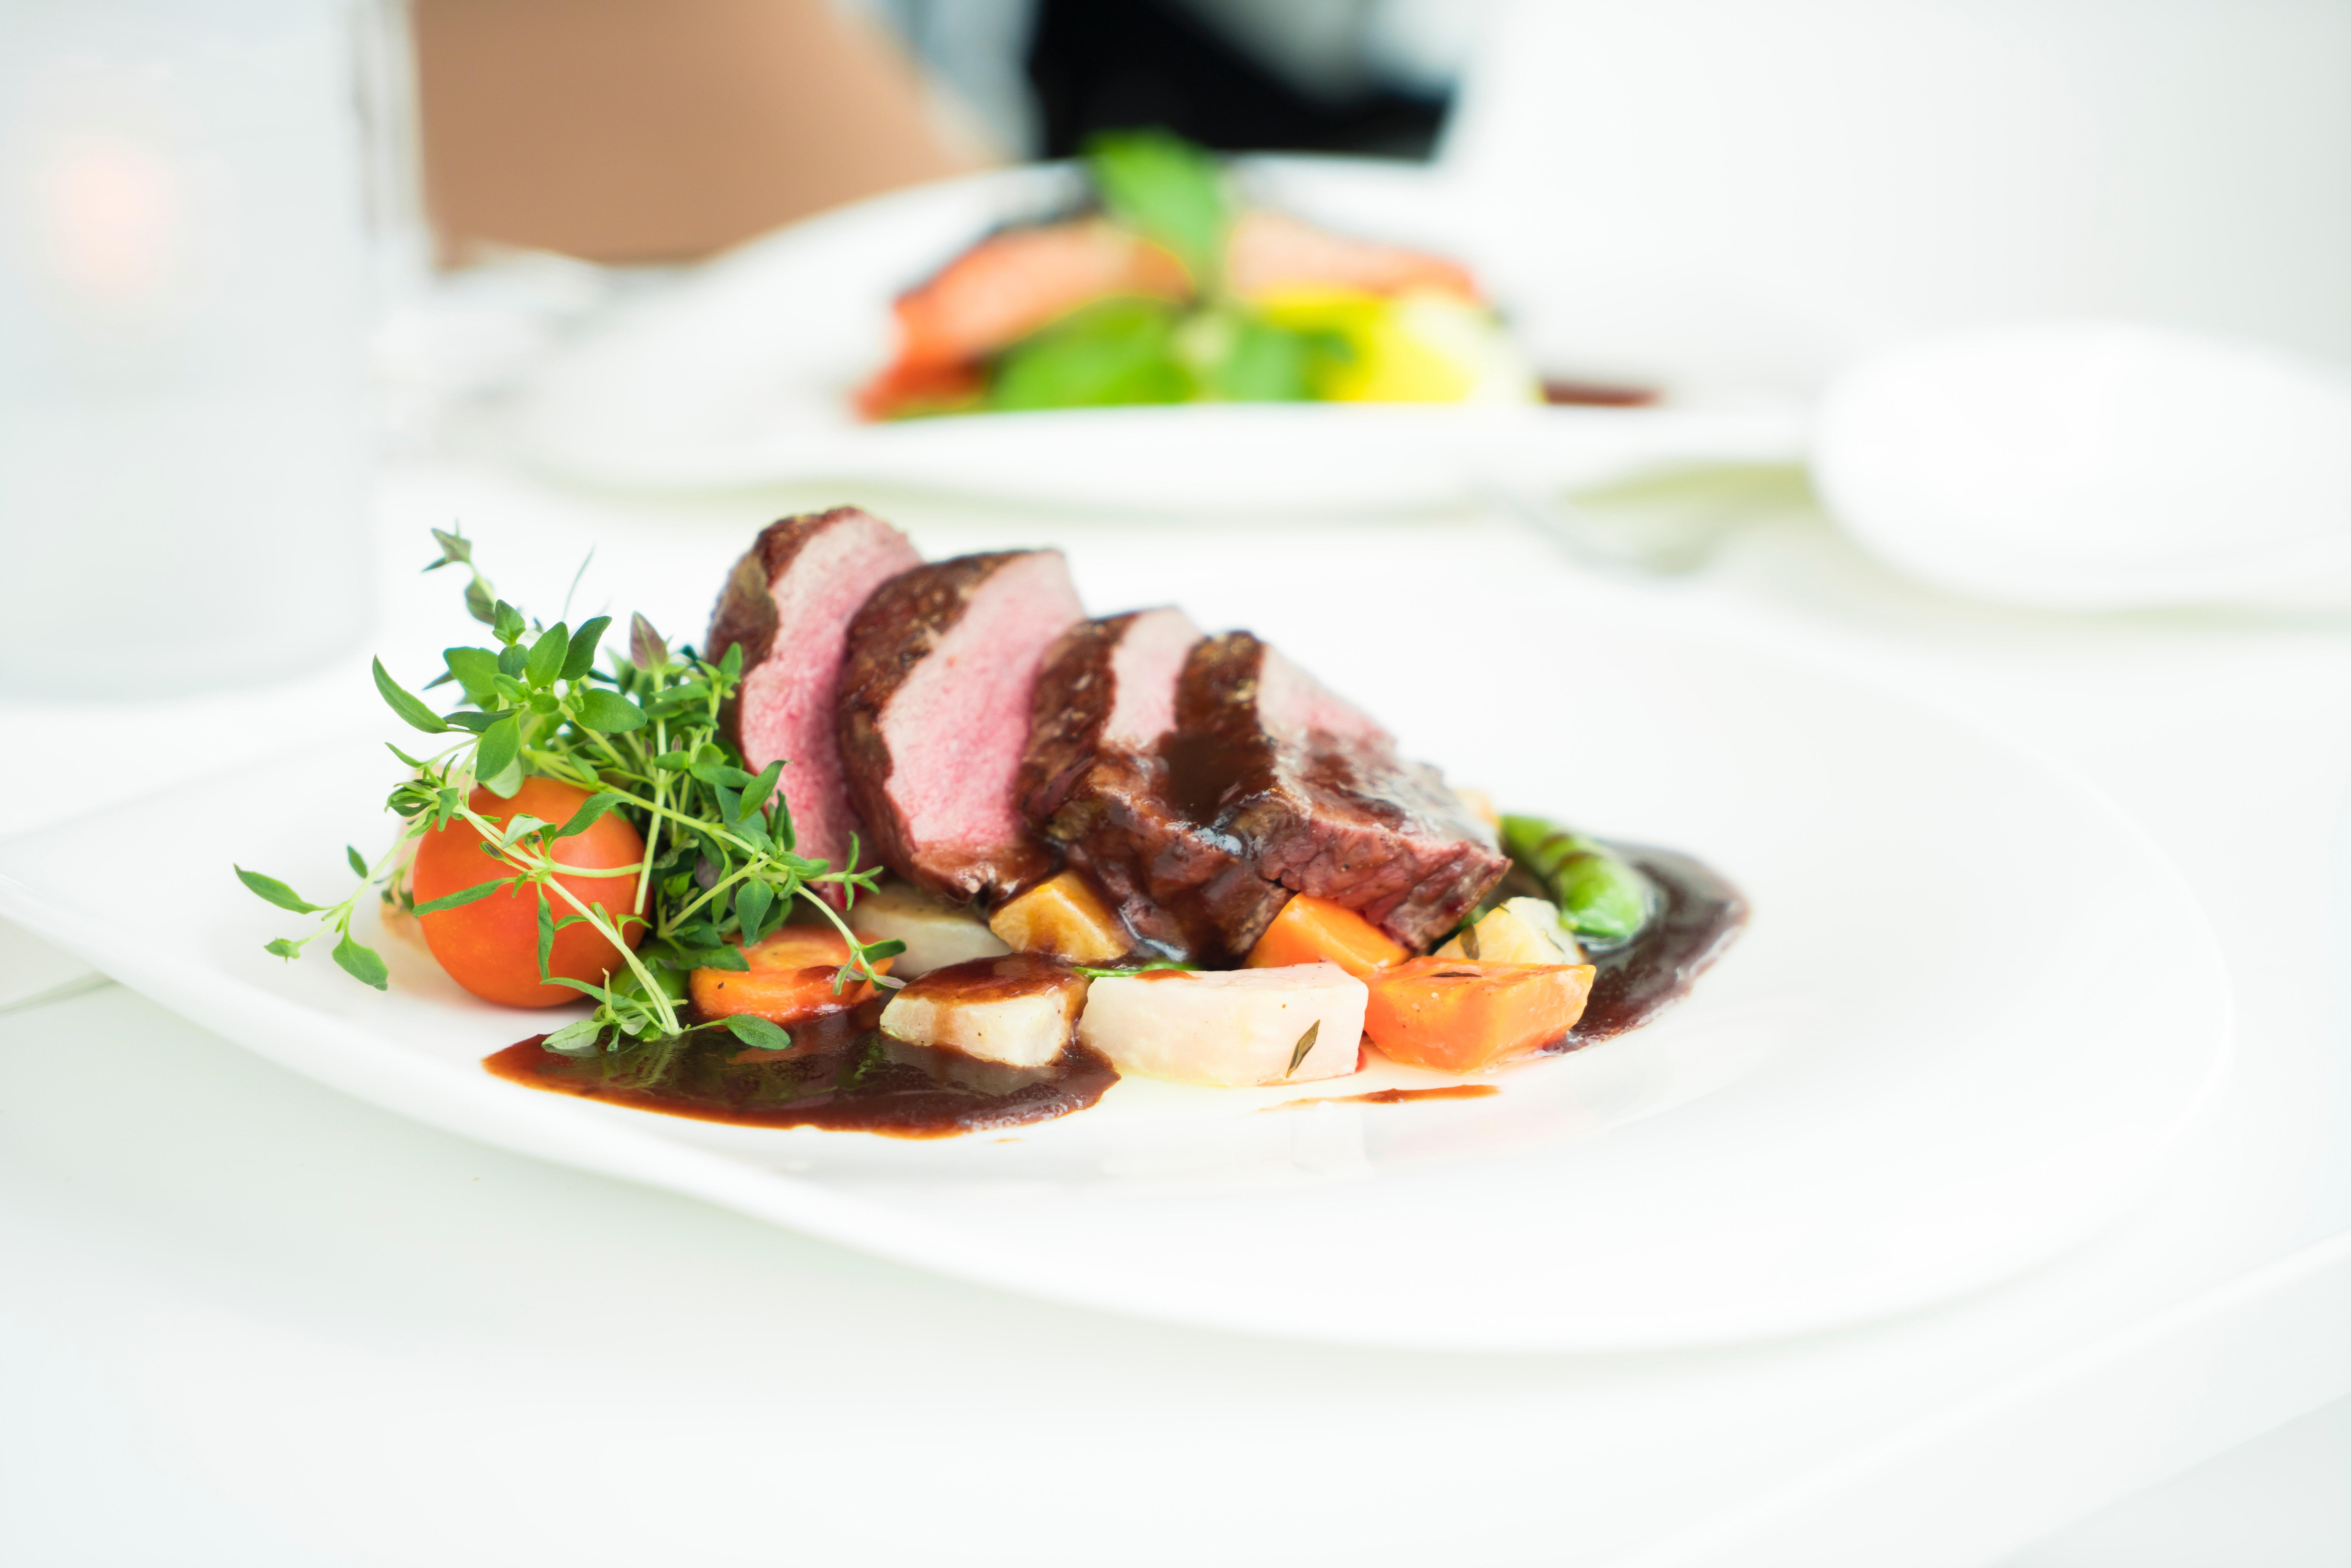 beef-cuisine-delicious-299347.jpg